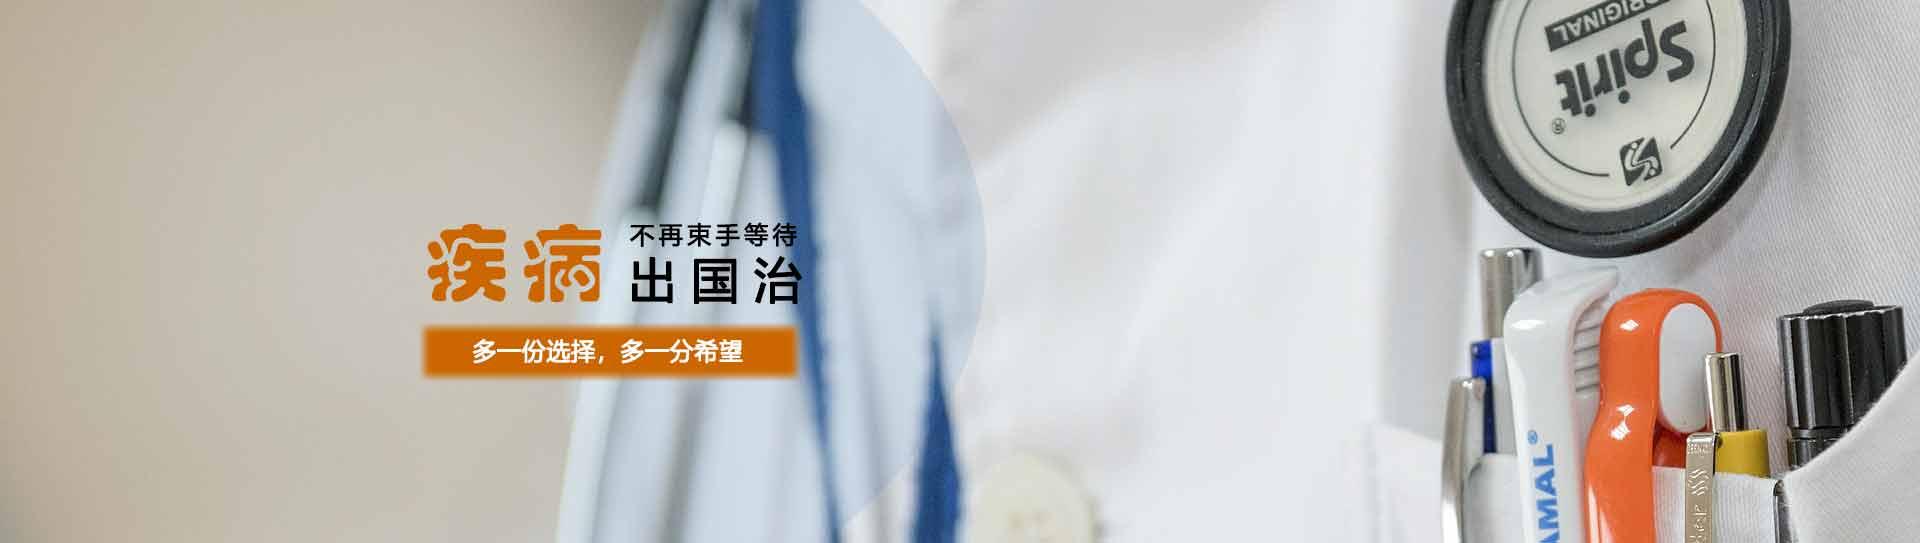 顶级医生,美国医疗